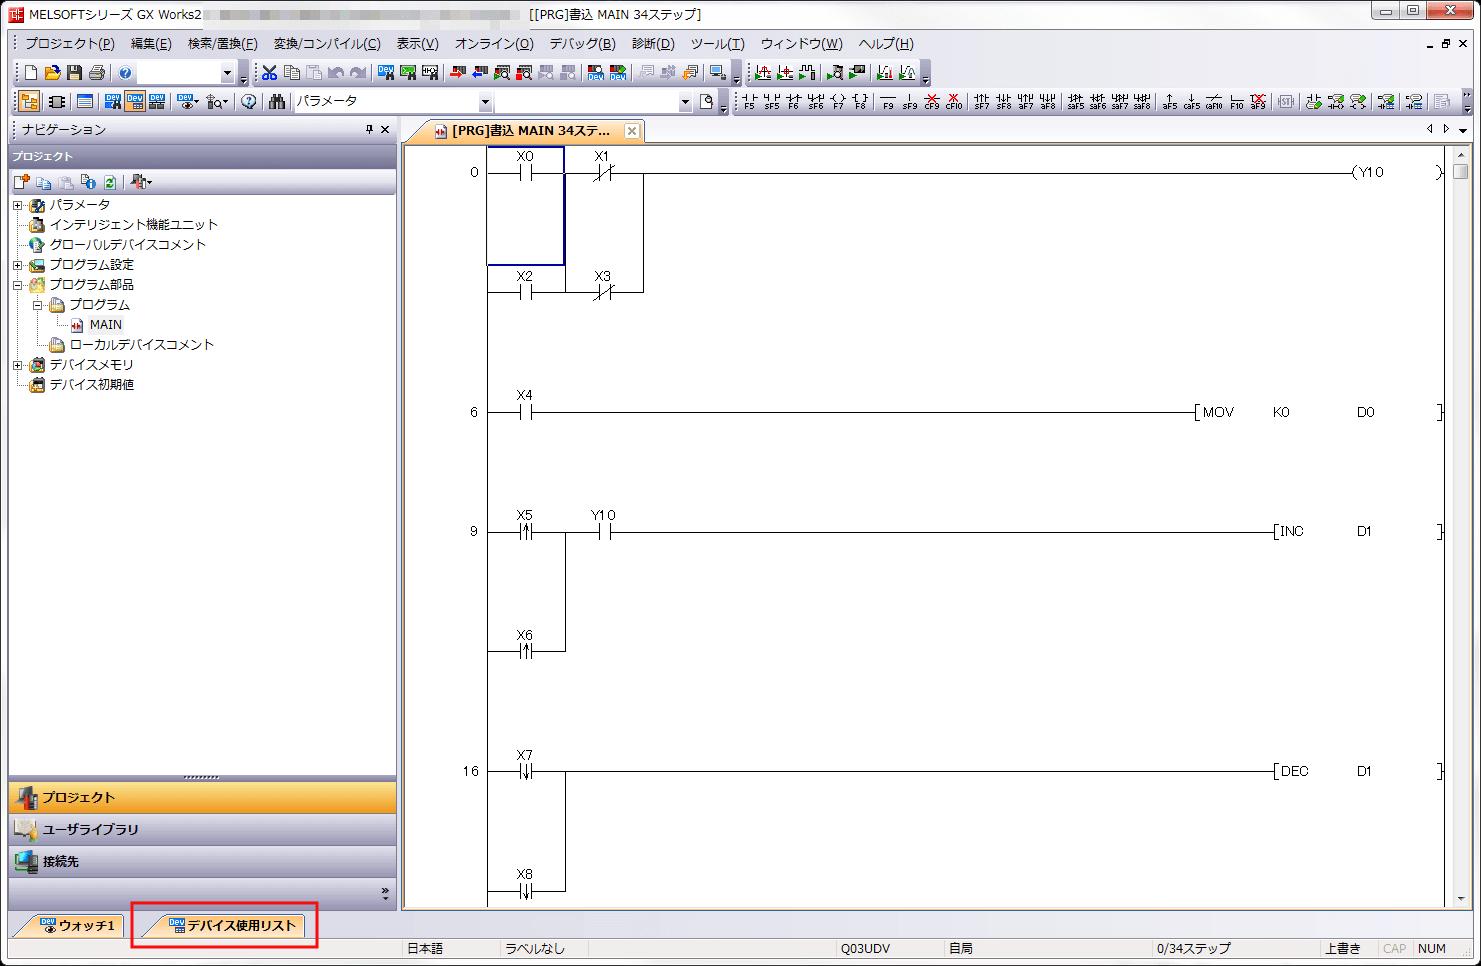 デバイス使用リストを画面下に固定した状態